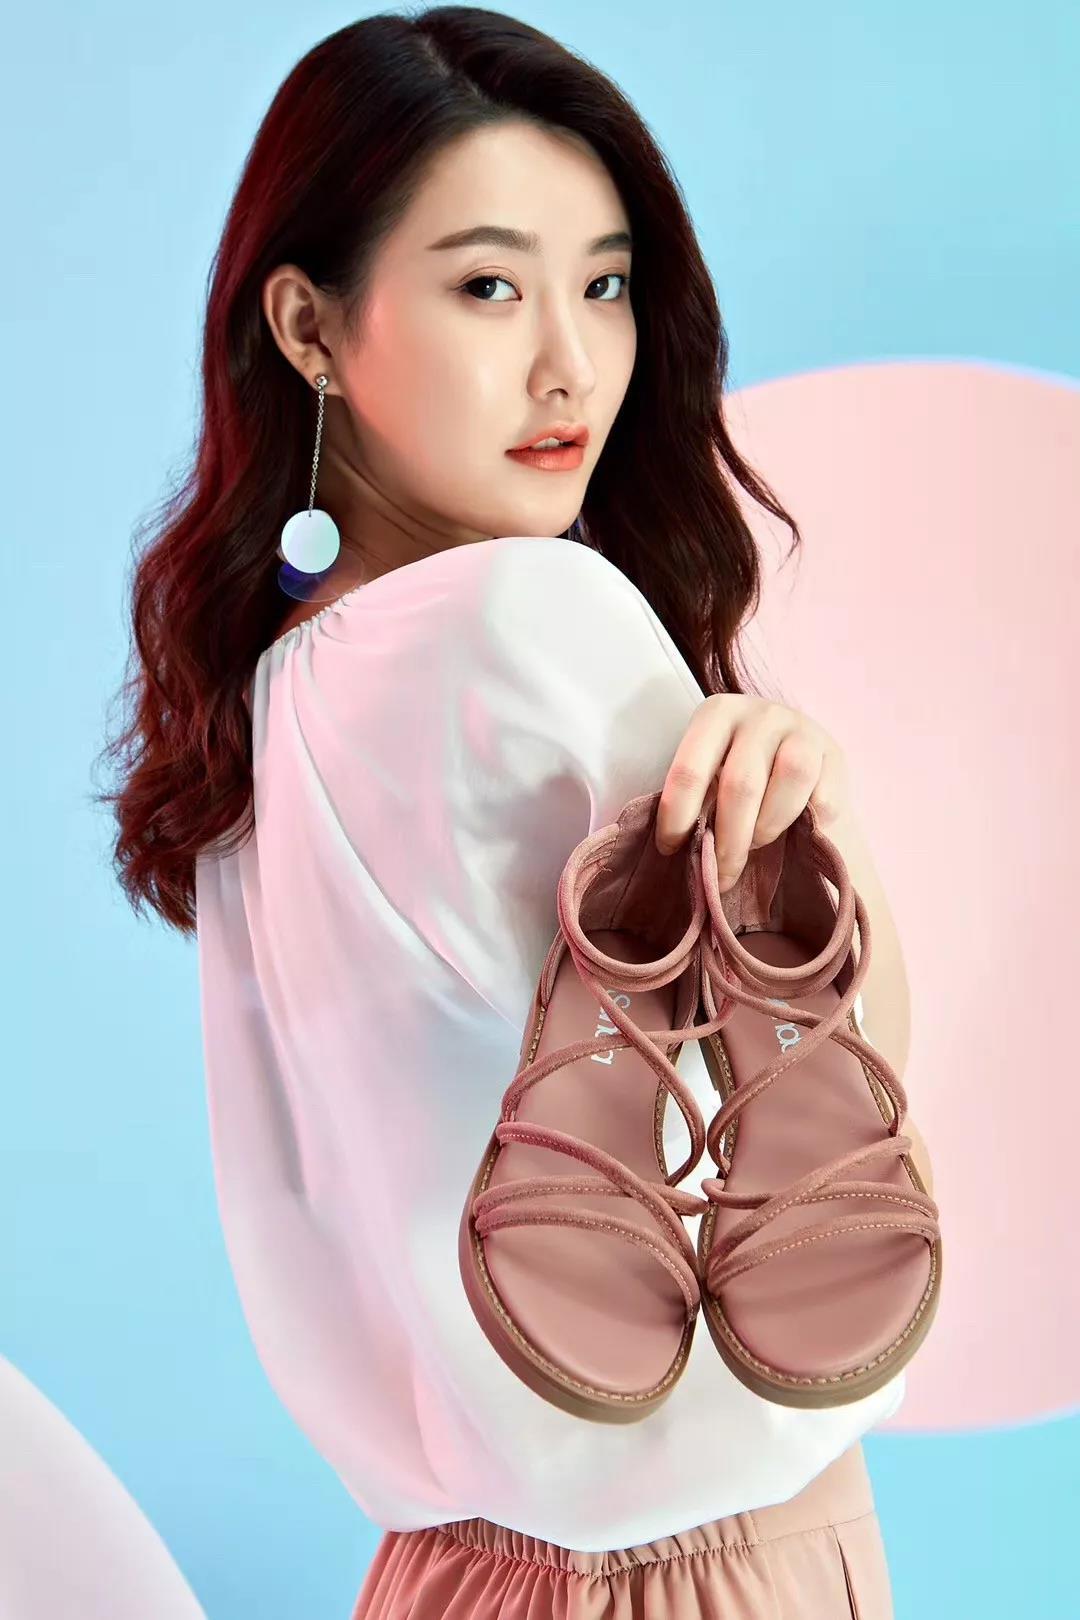 新面孔Model] 史佳钦senda鞋子拍摄,鞋柜又该换新喽!